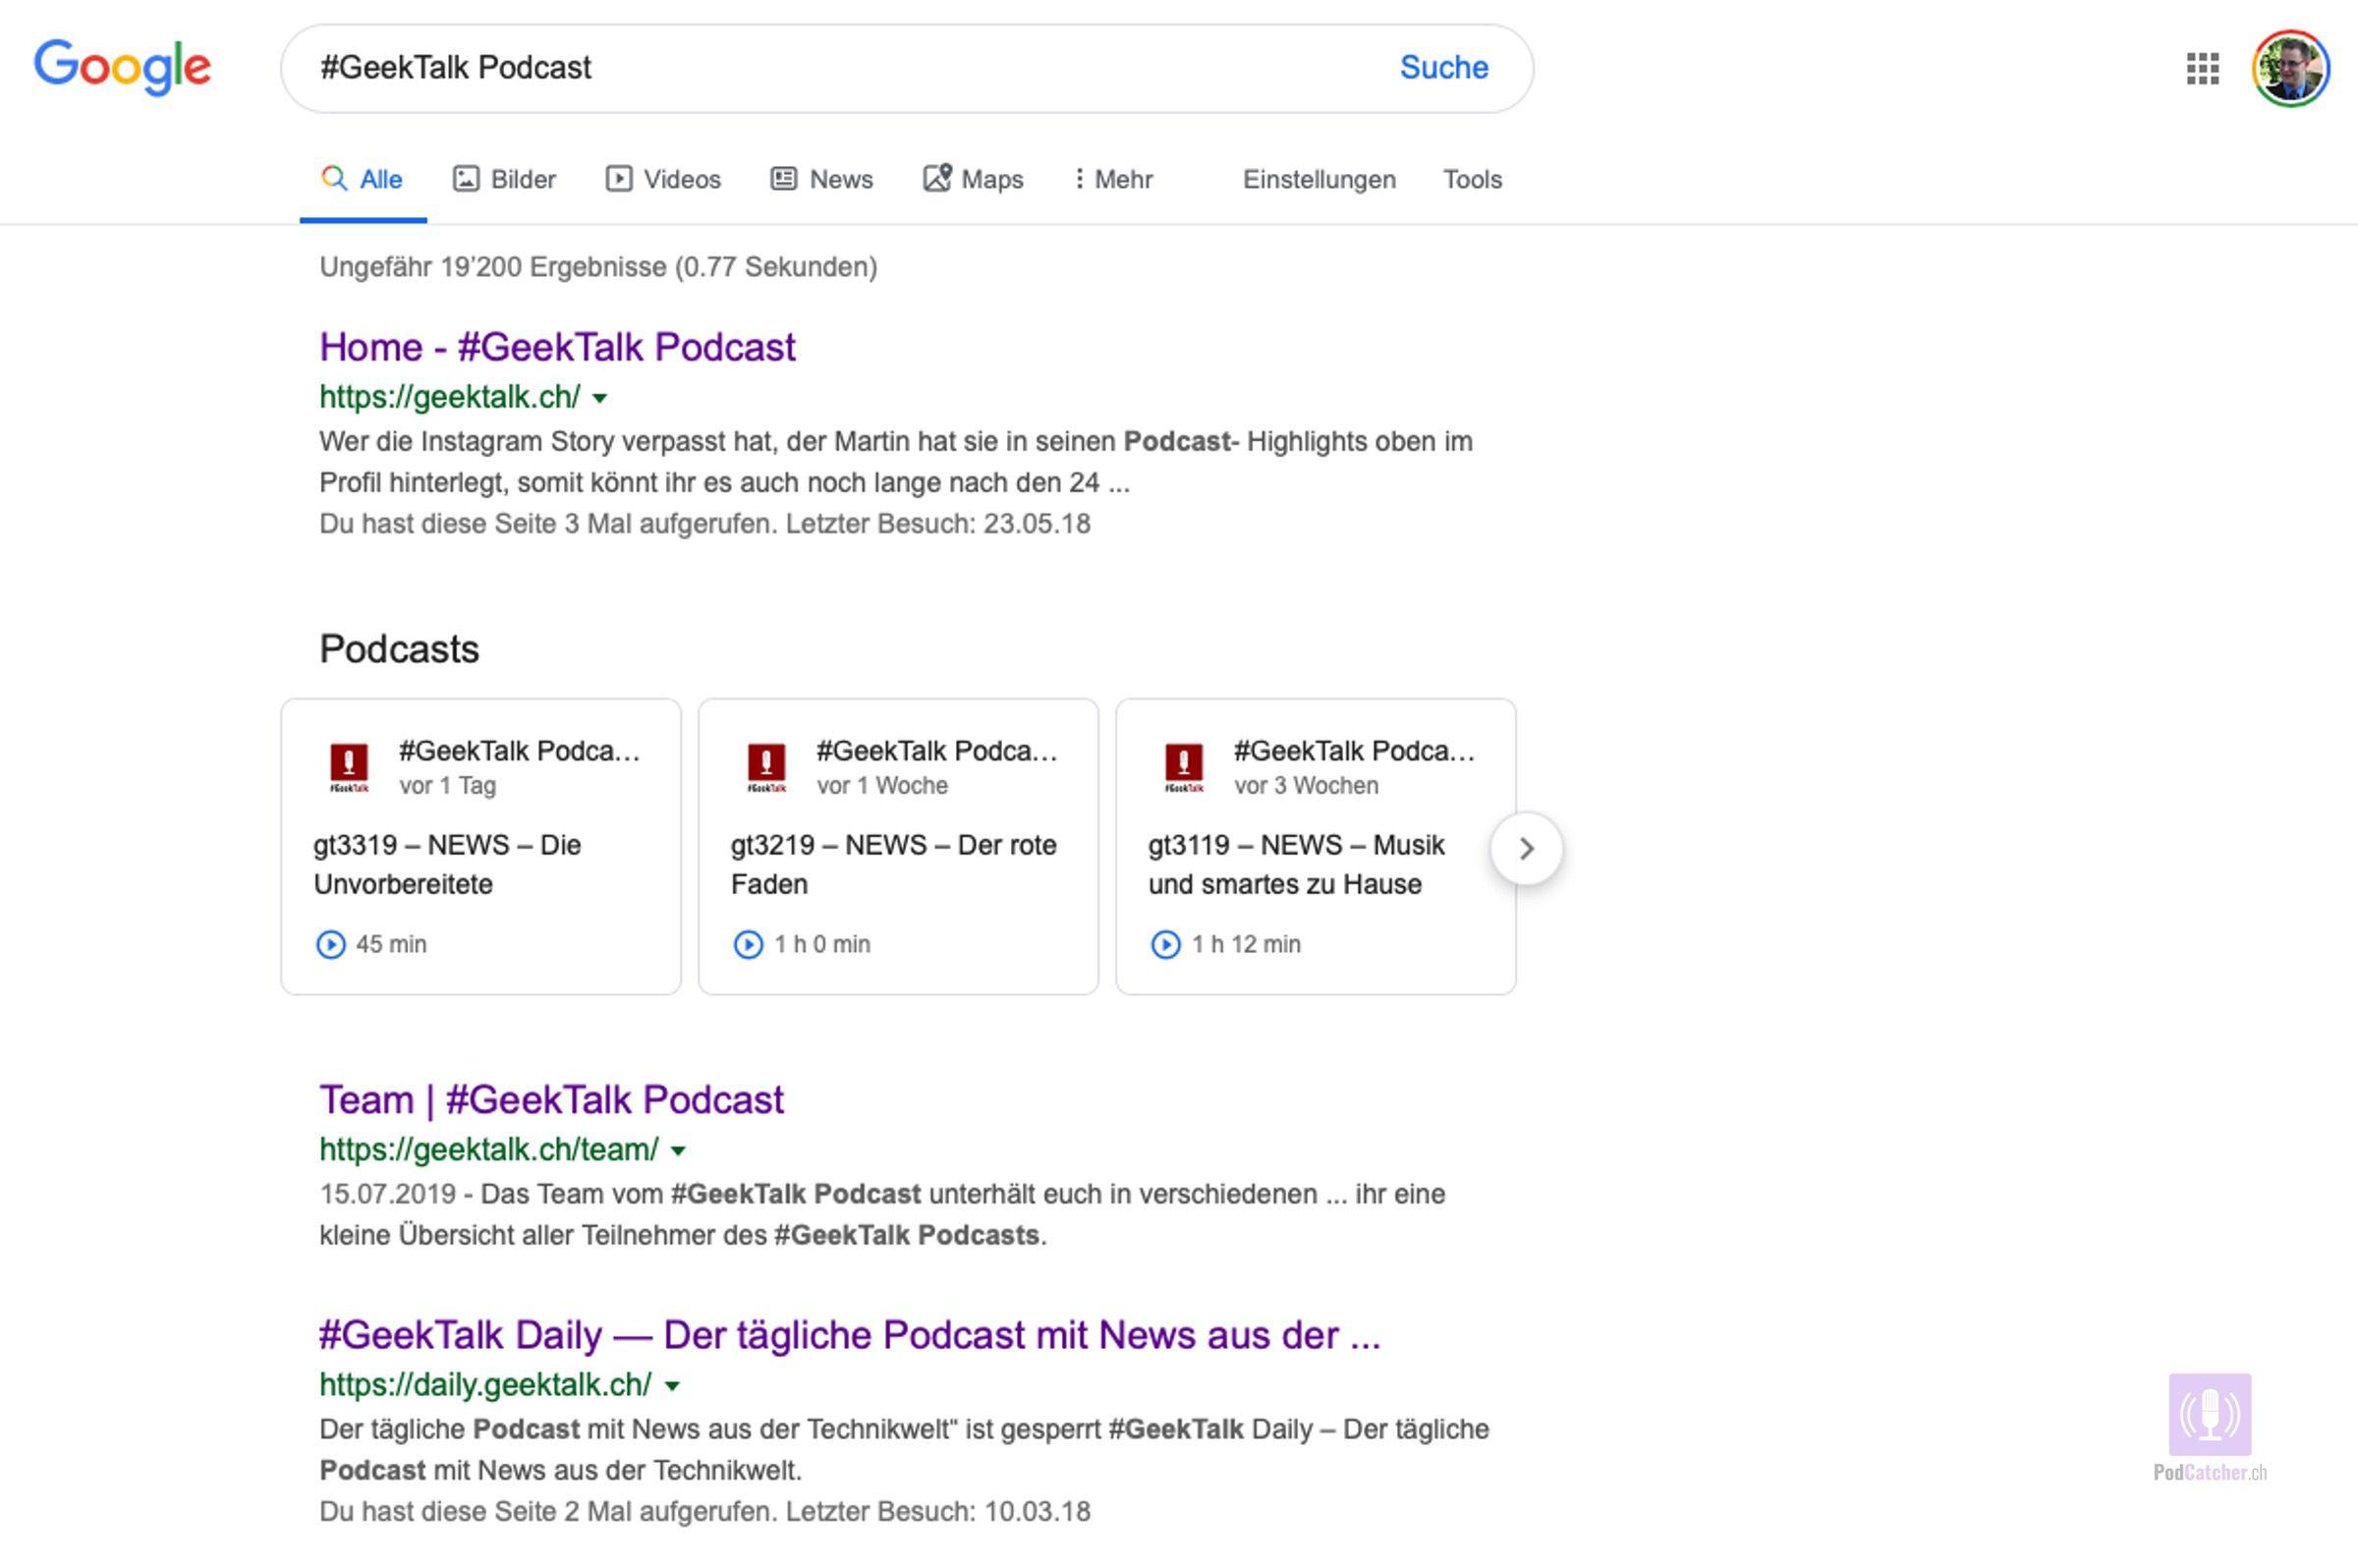 Suchergebnis für #GeekTalk Podacst